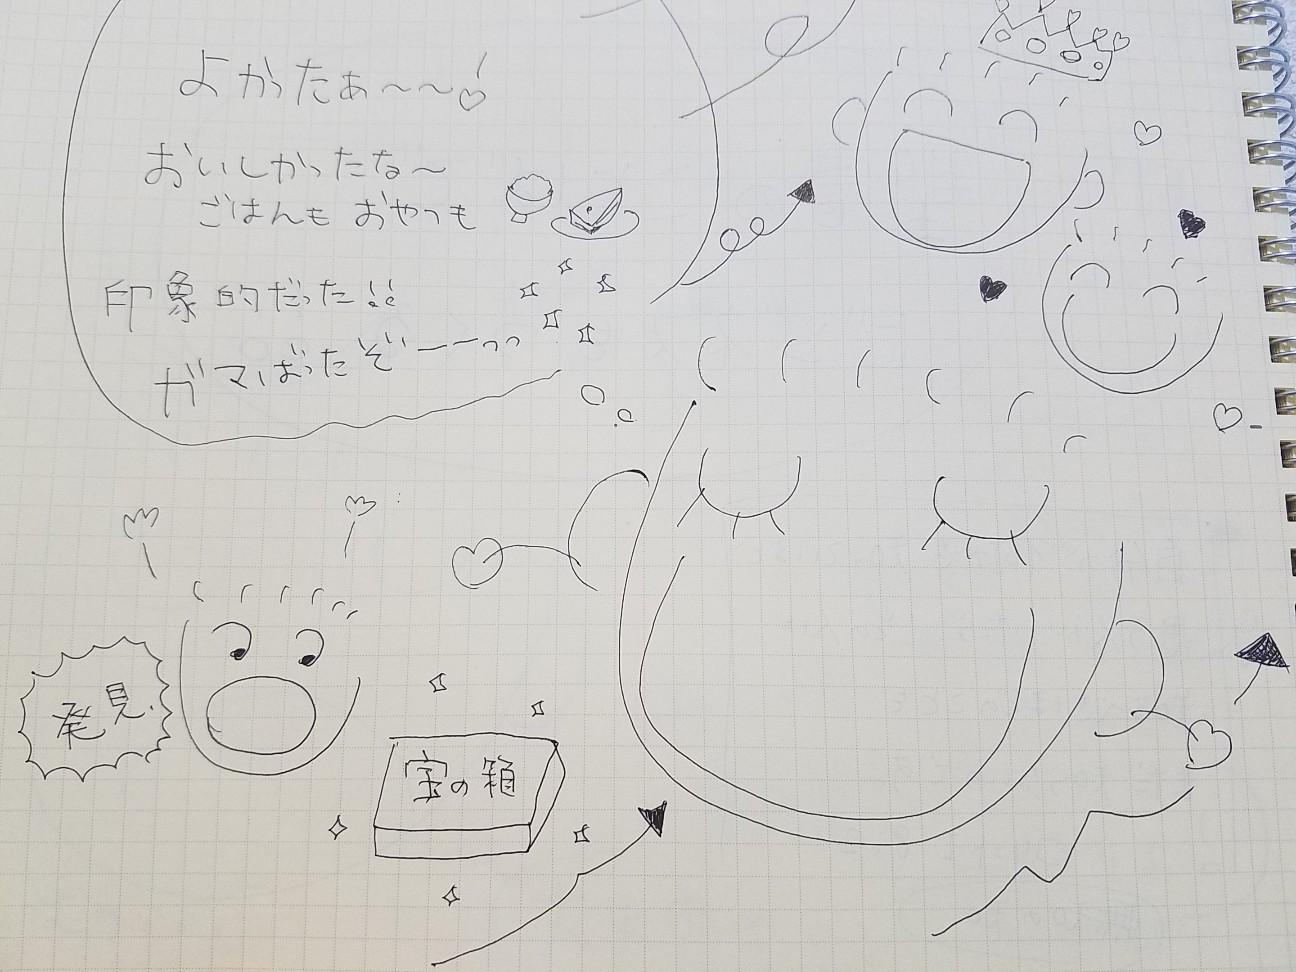 f:id:takasemariko:20210619072632j:image